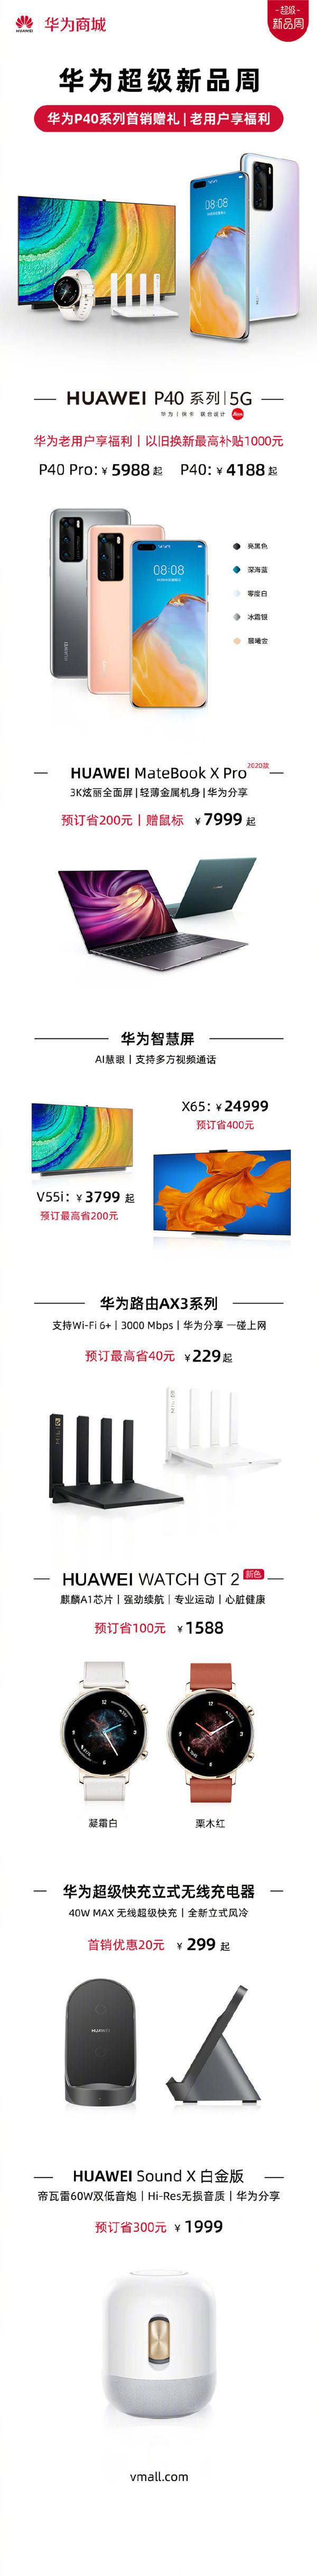 华为公司连射14款新产品 P40已发售多商品可订购 福利汇总!